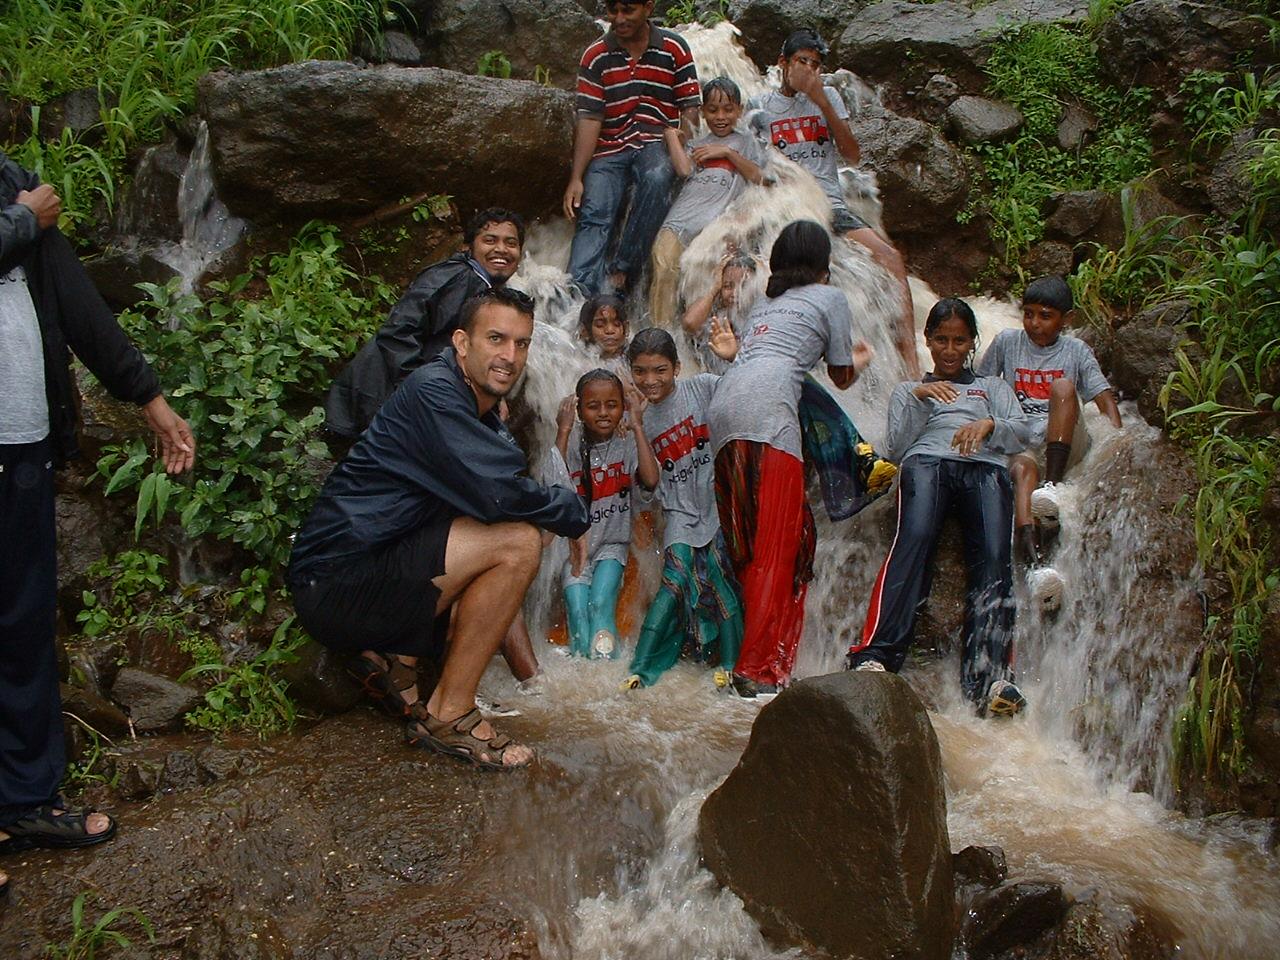 Mike Reeder India Volunteer Waterfall